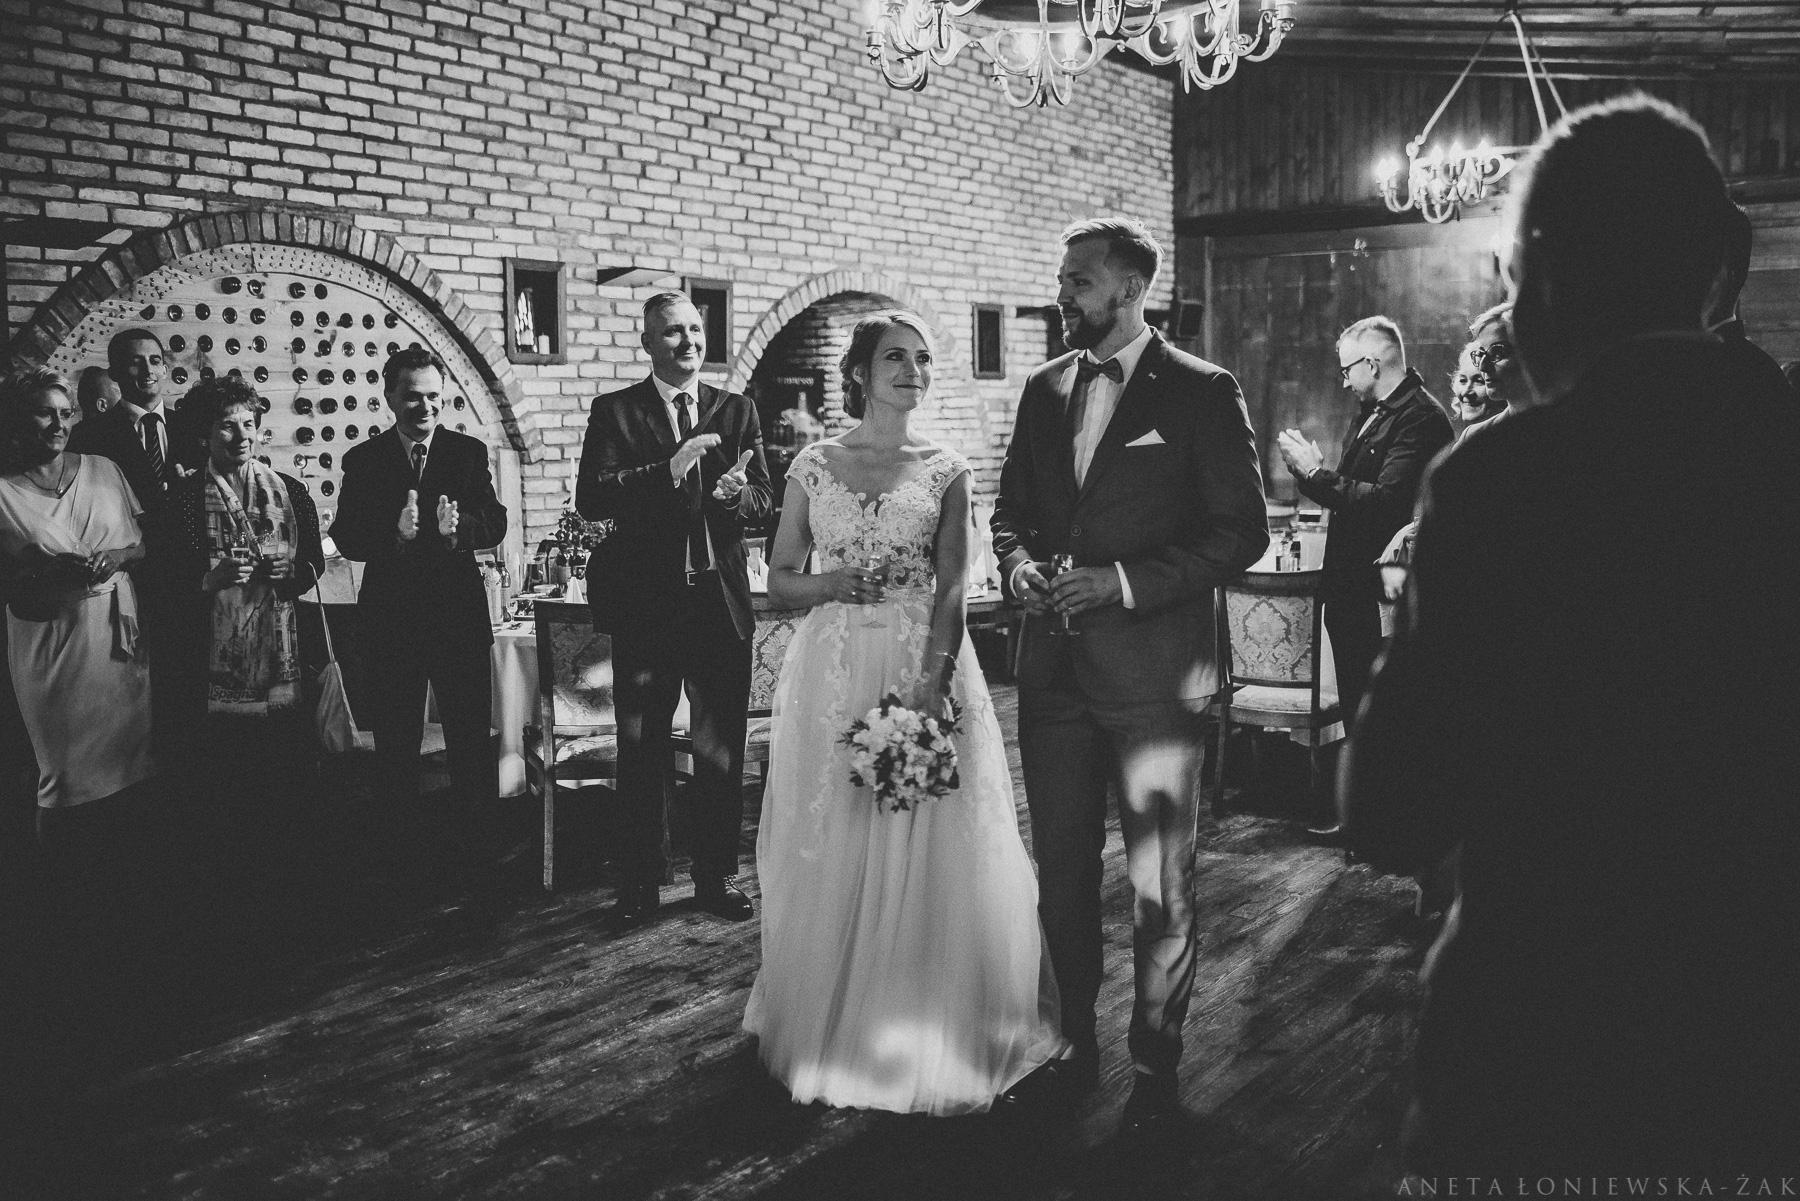 fotograf ślubny Białystok, wesele w Camelocie, Camelot, fotograf ślubny podlaskie, ślub plenerowy podlasie, ślub rustykalny białystok, naturalna fotografia ślubna